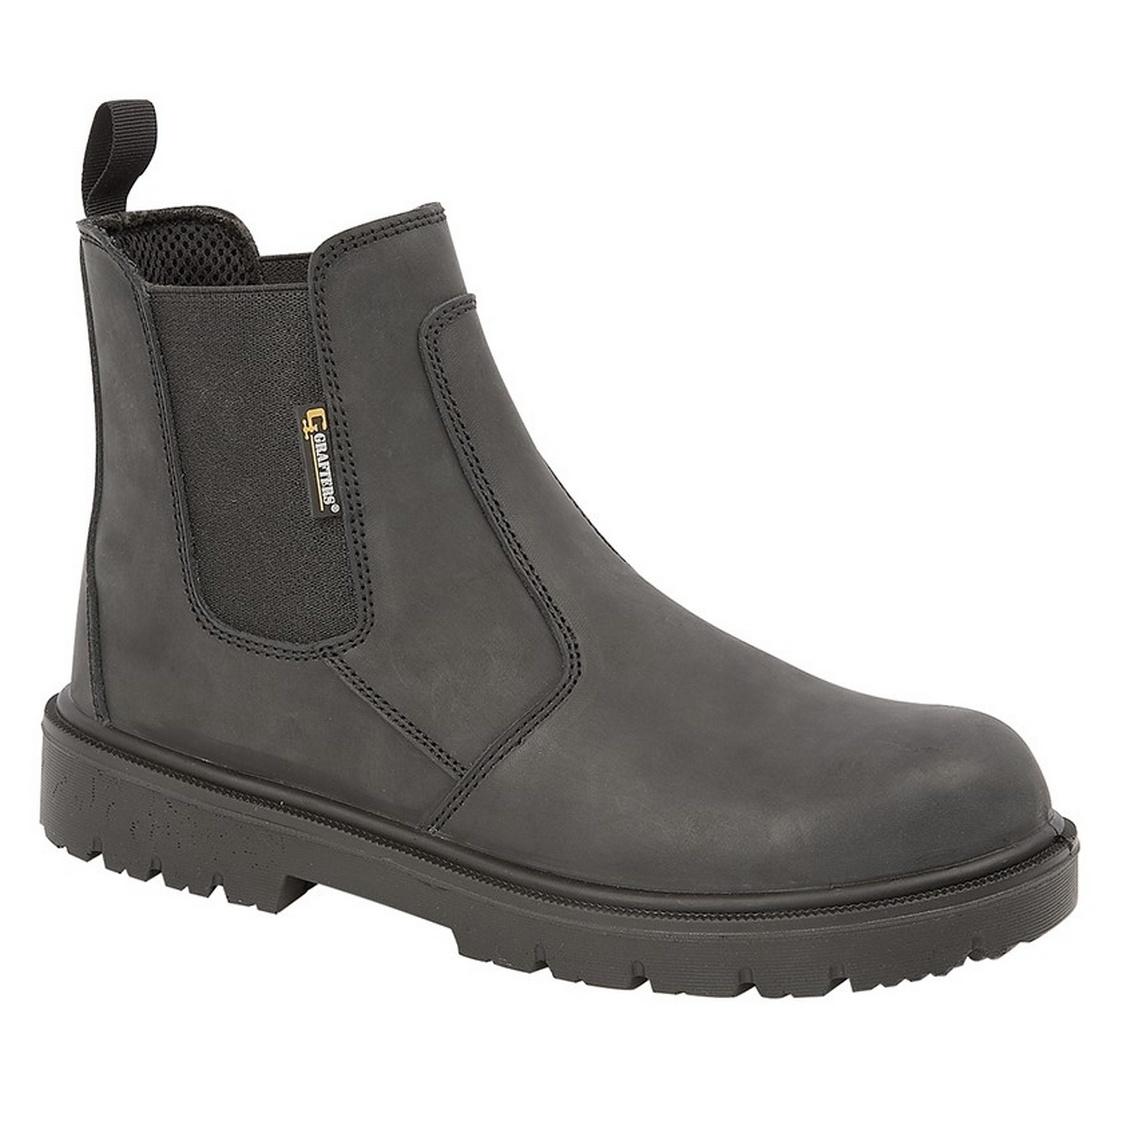 Grafters para seguridad de Zapatos df1438 hombre rfqRr